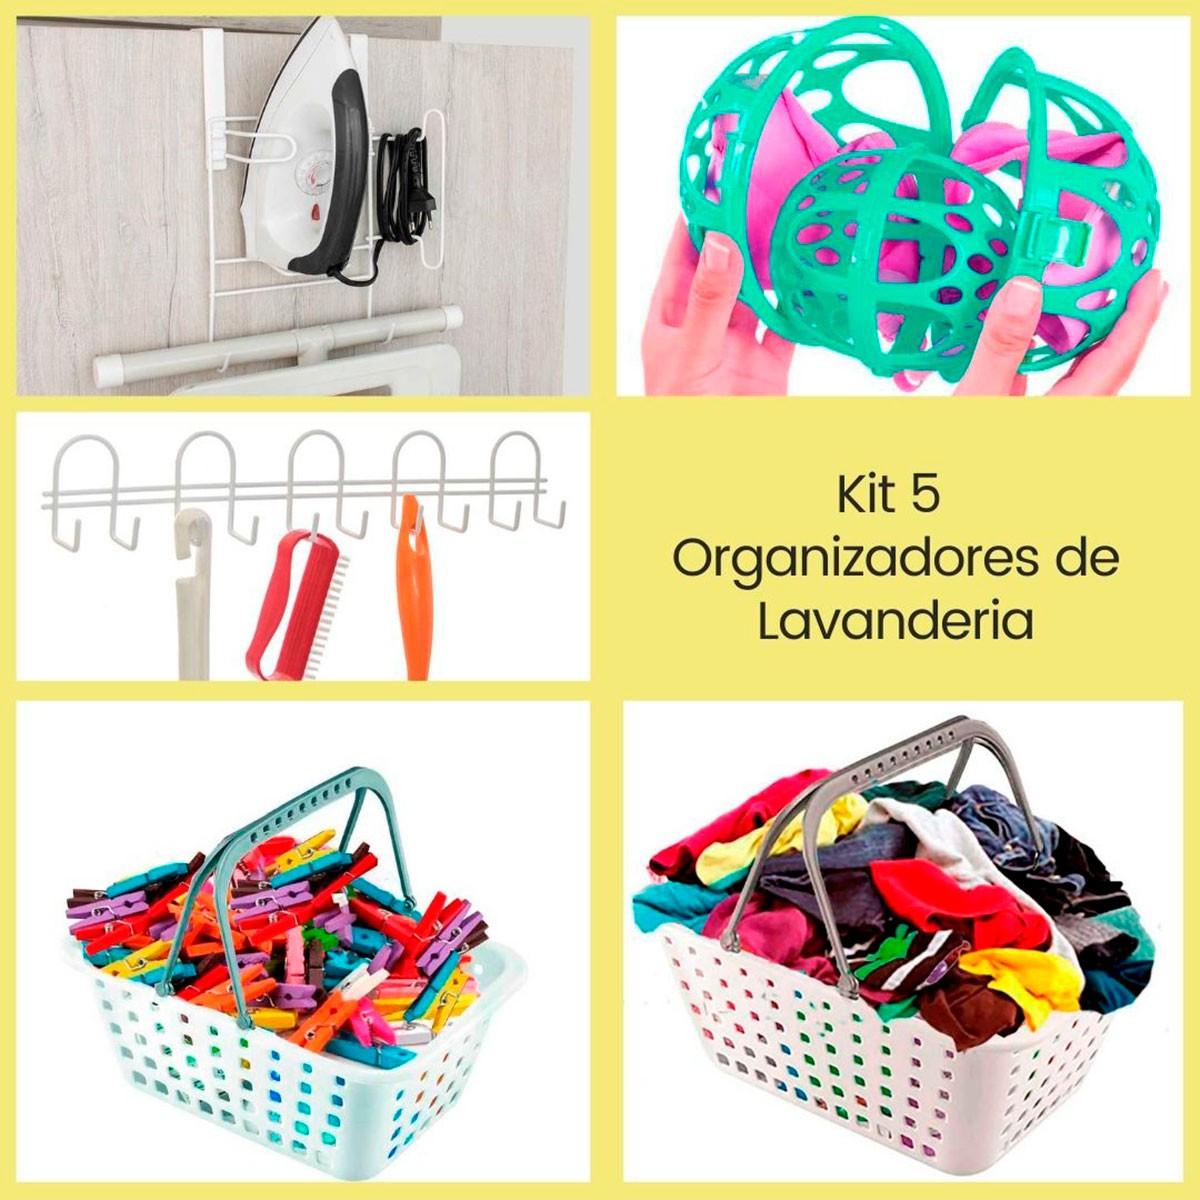 Kit 5 Organizadores de Lavanderia